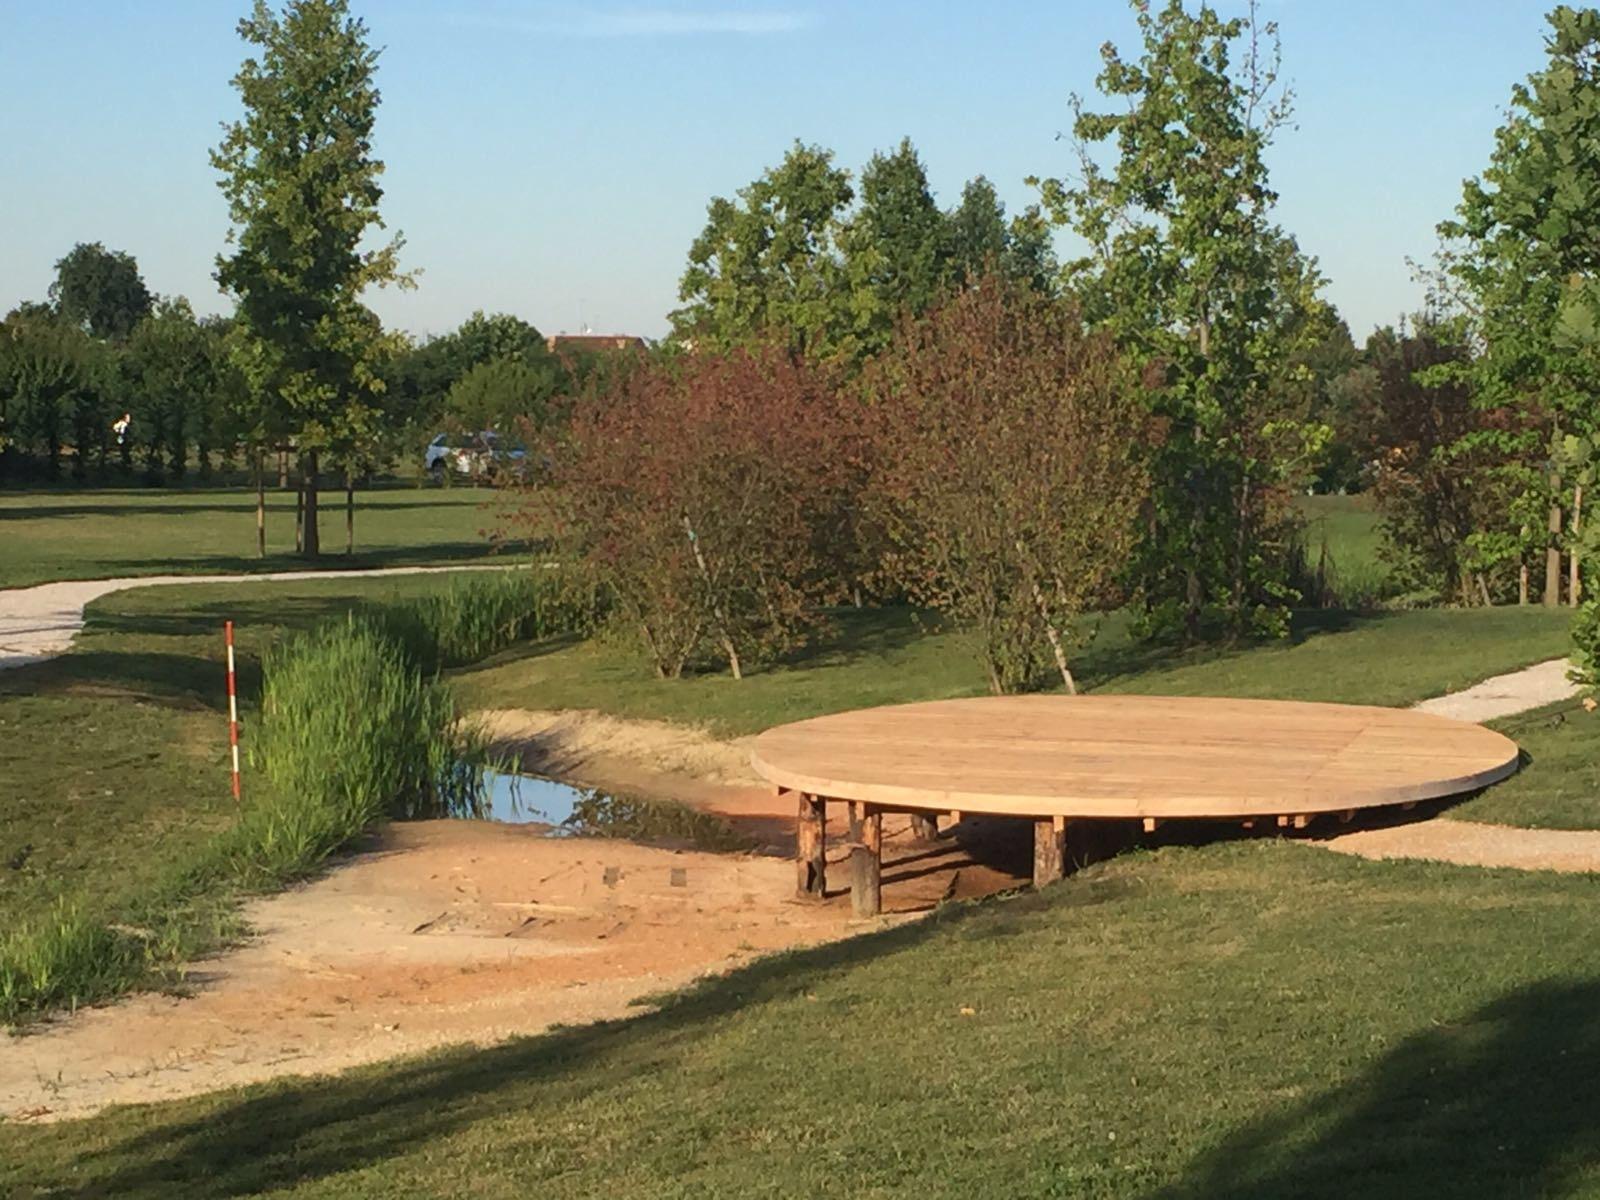 Camminamento per giardino privato dal ben giardini - Progetto giardino privato ...